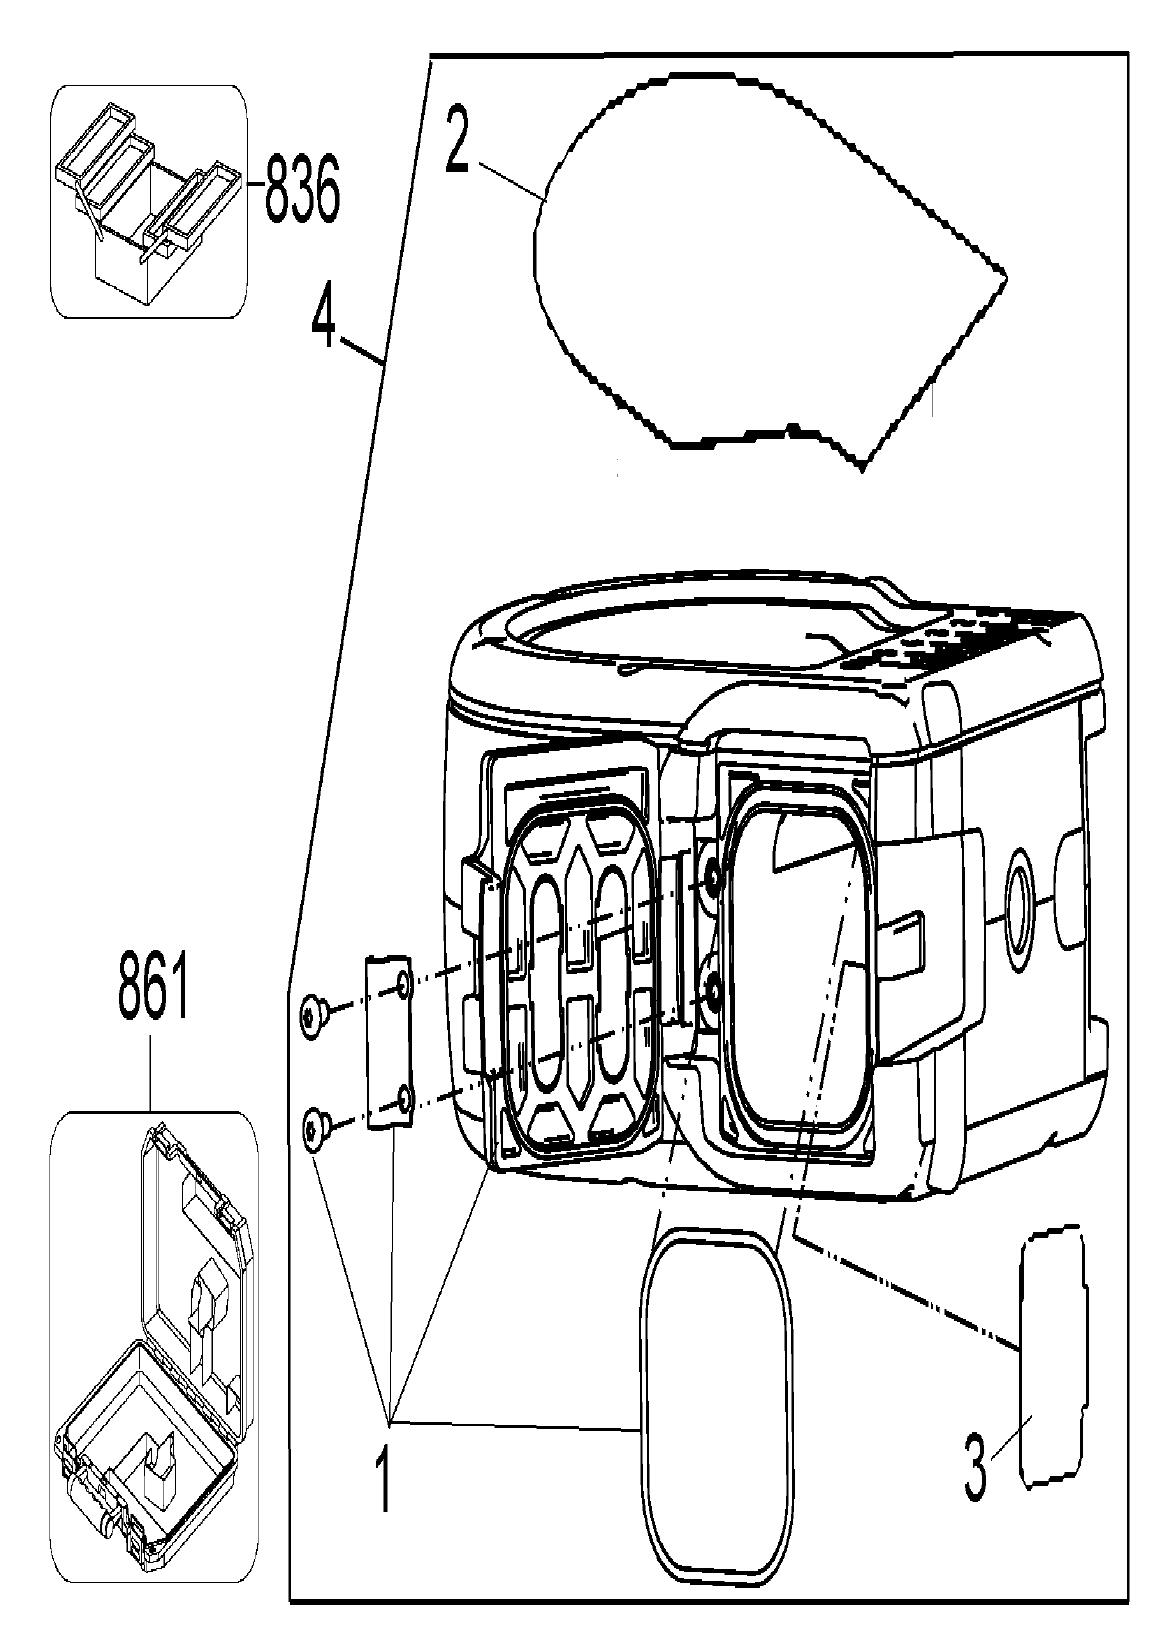 De Walt Grinder Schematic View